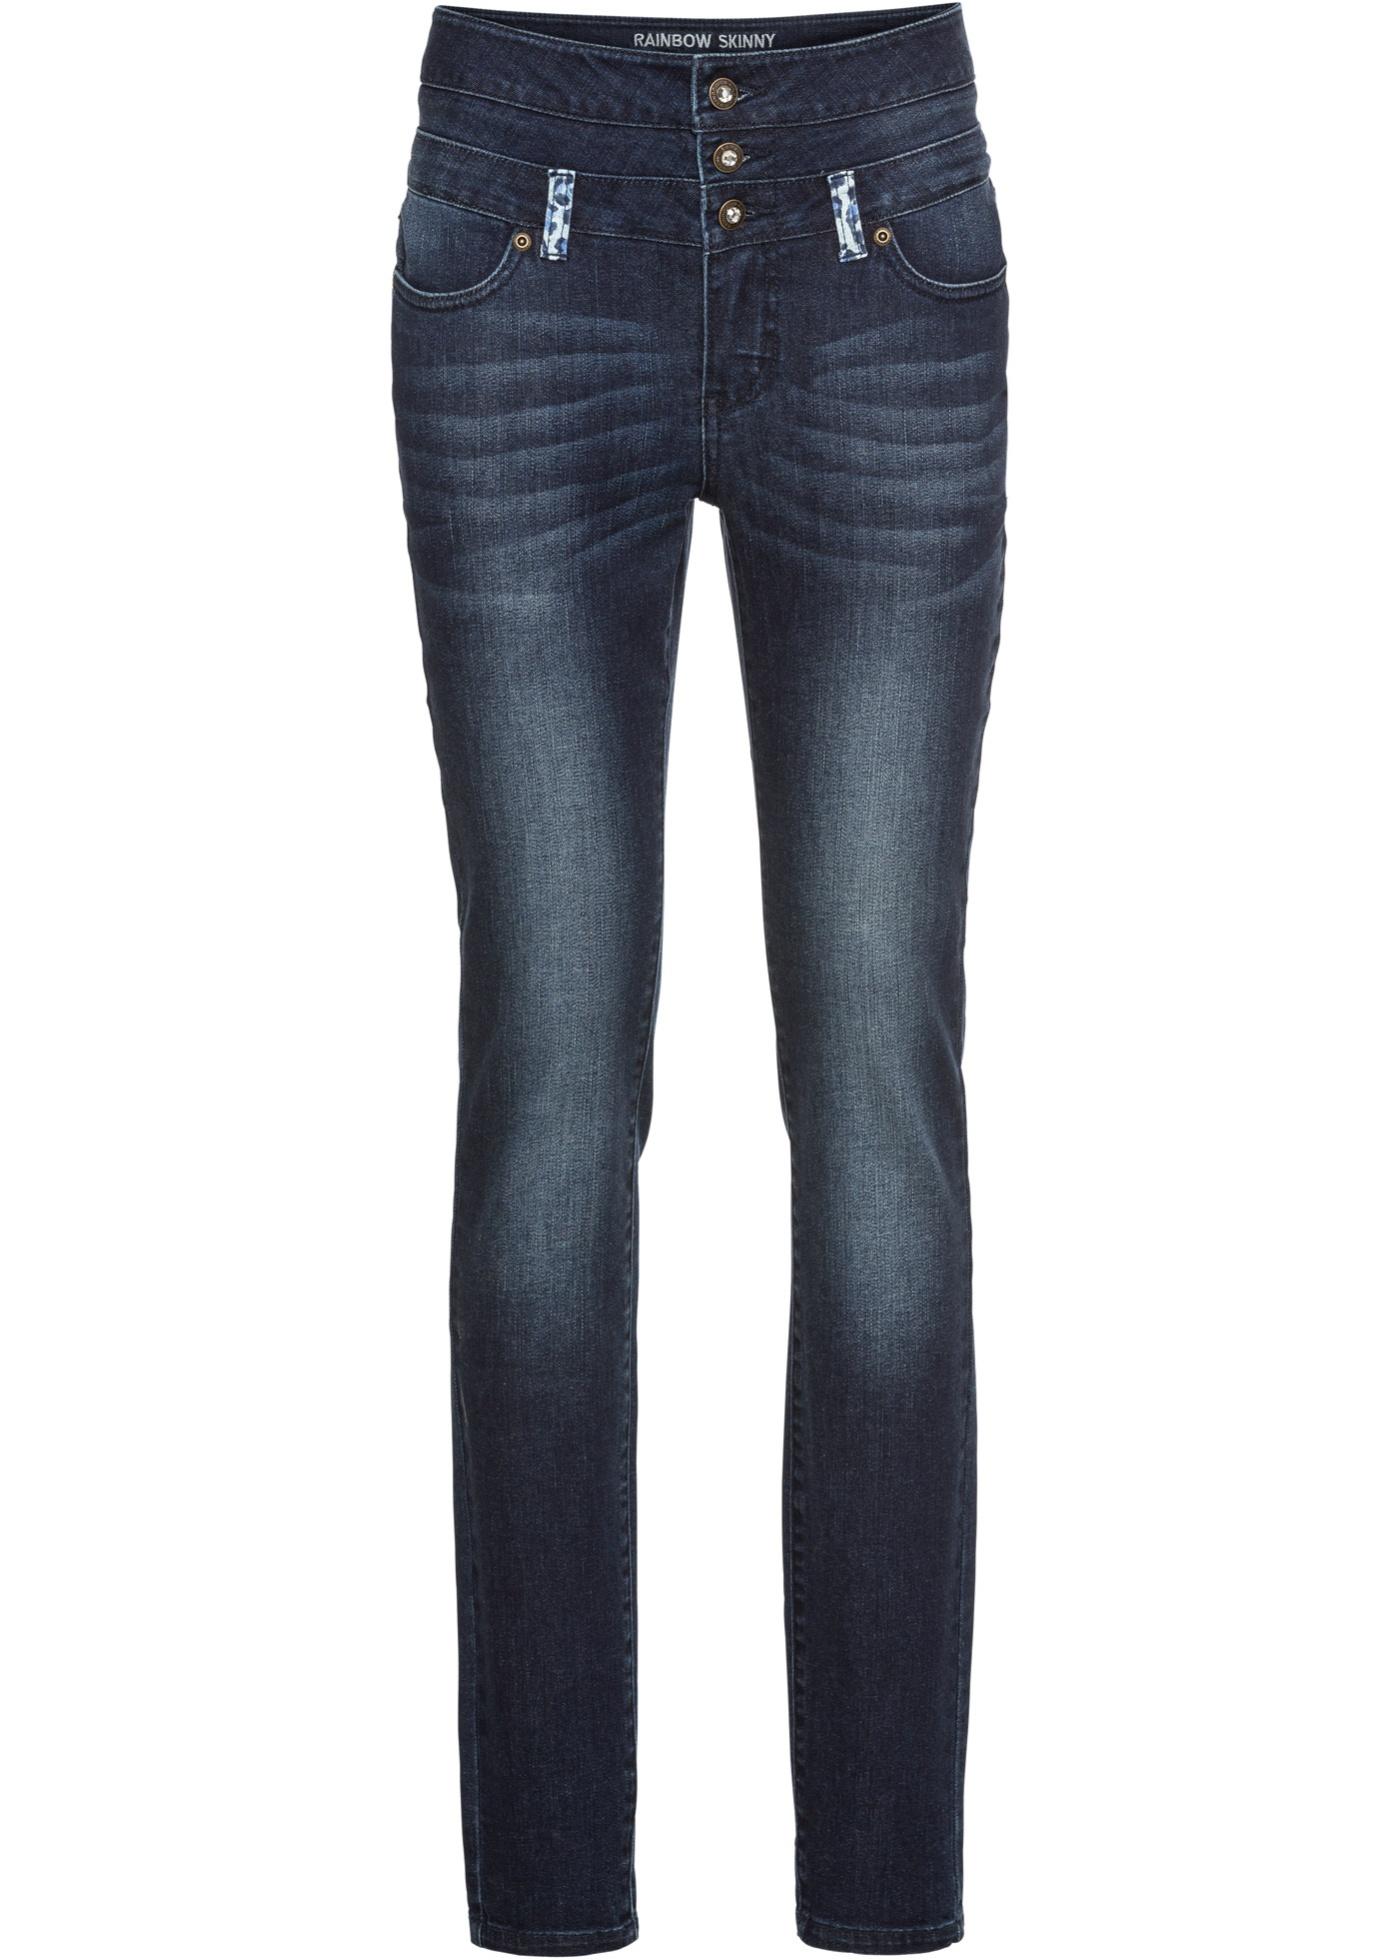 High Waist Skinny Jeans | Skinny jeans high waist, Günstige